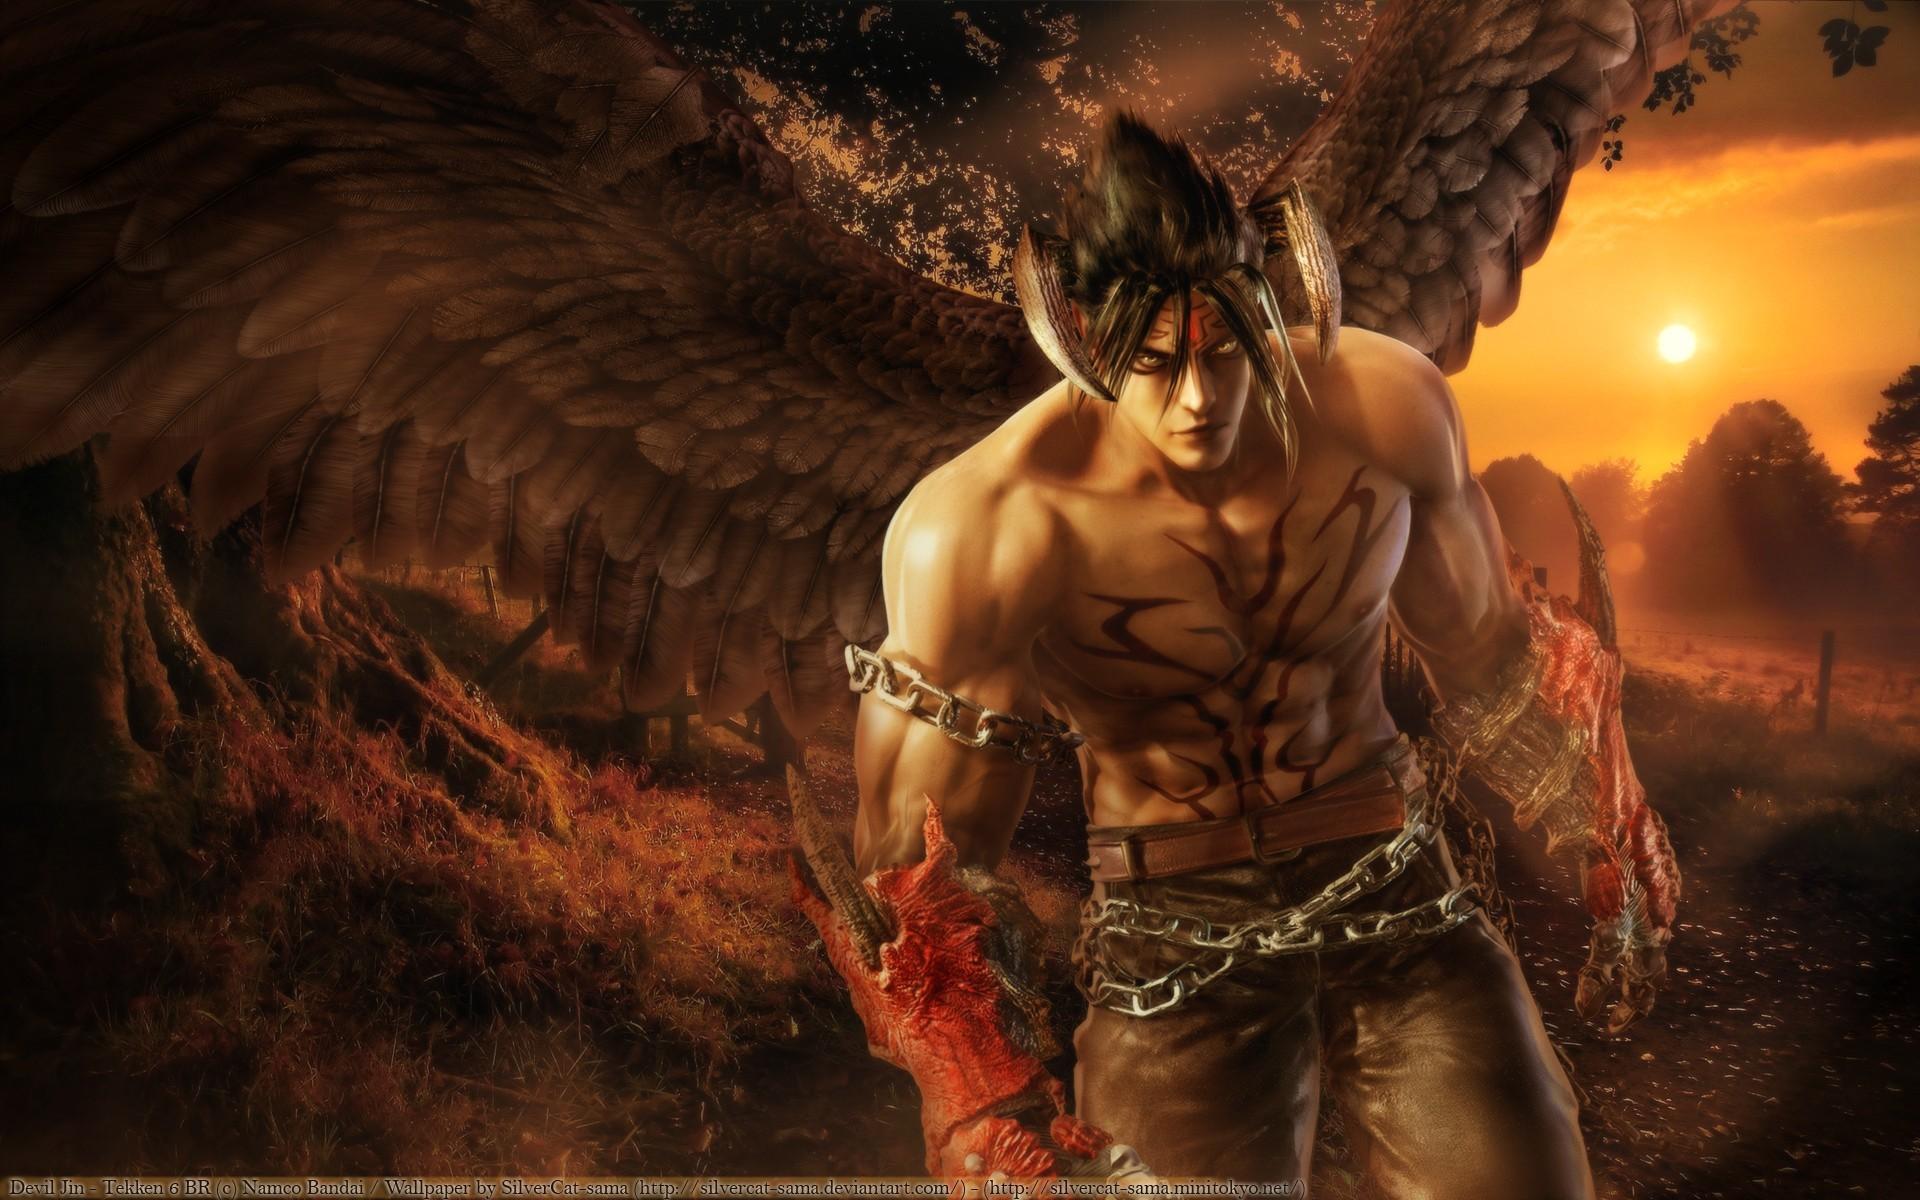 jin kazama devil wallpaper (64+ images)